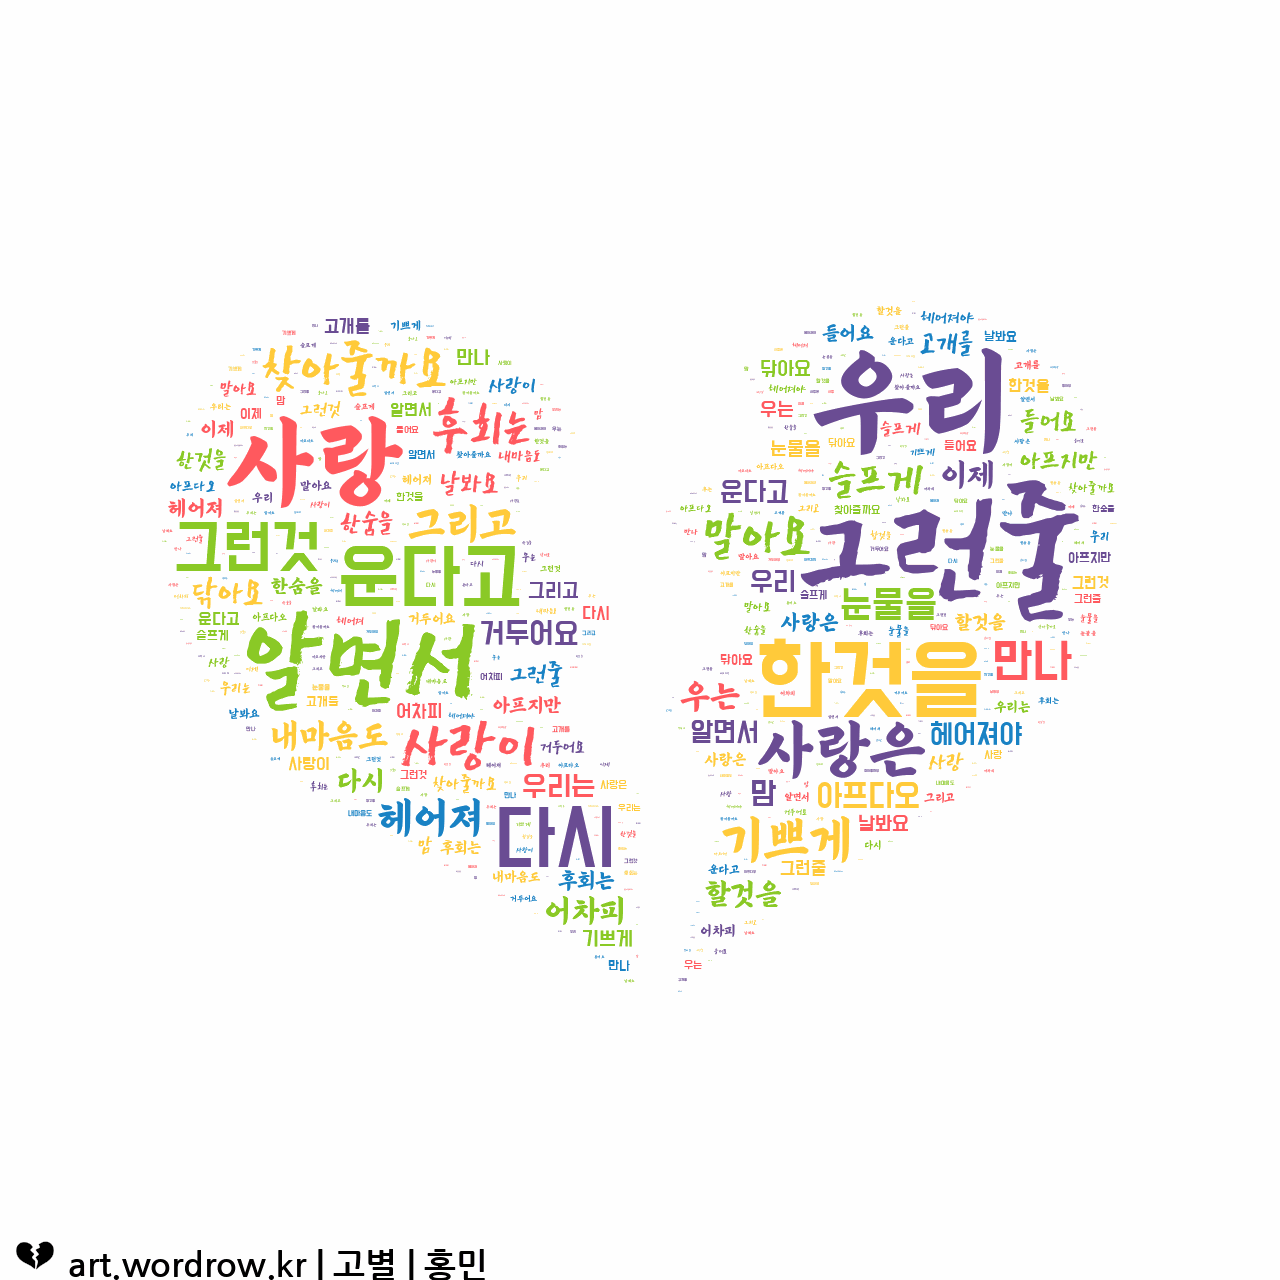 워드 클라우드: 고별 [홍민]-37